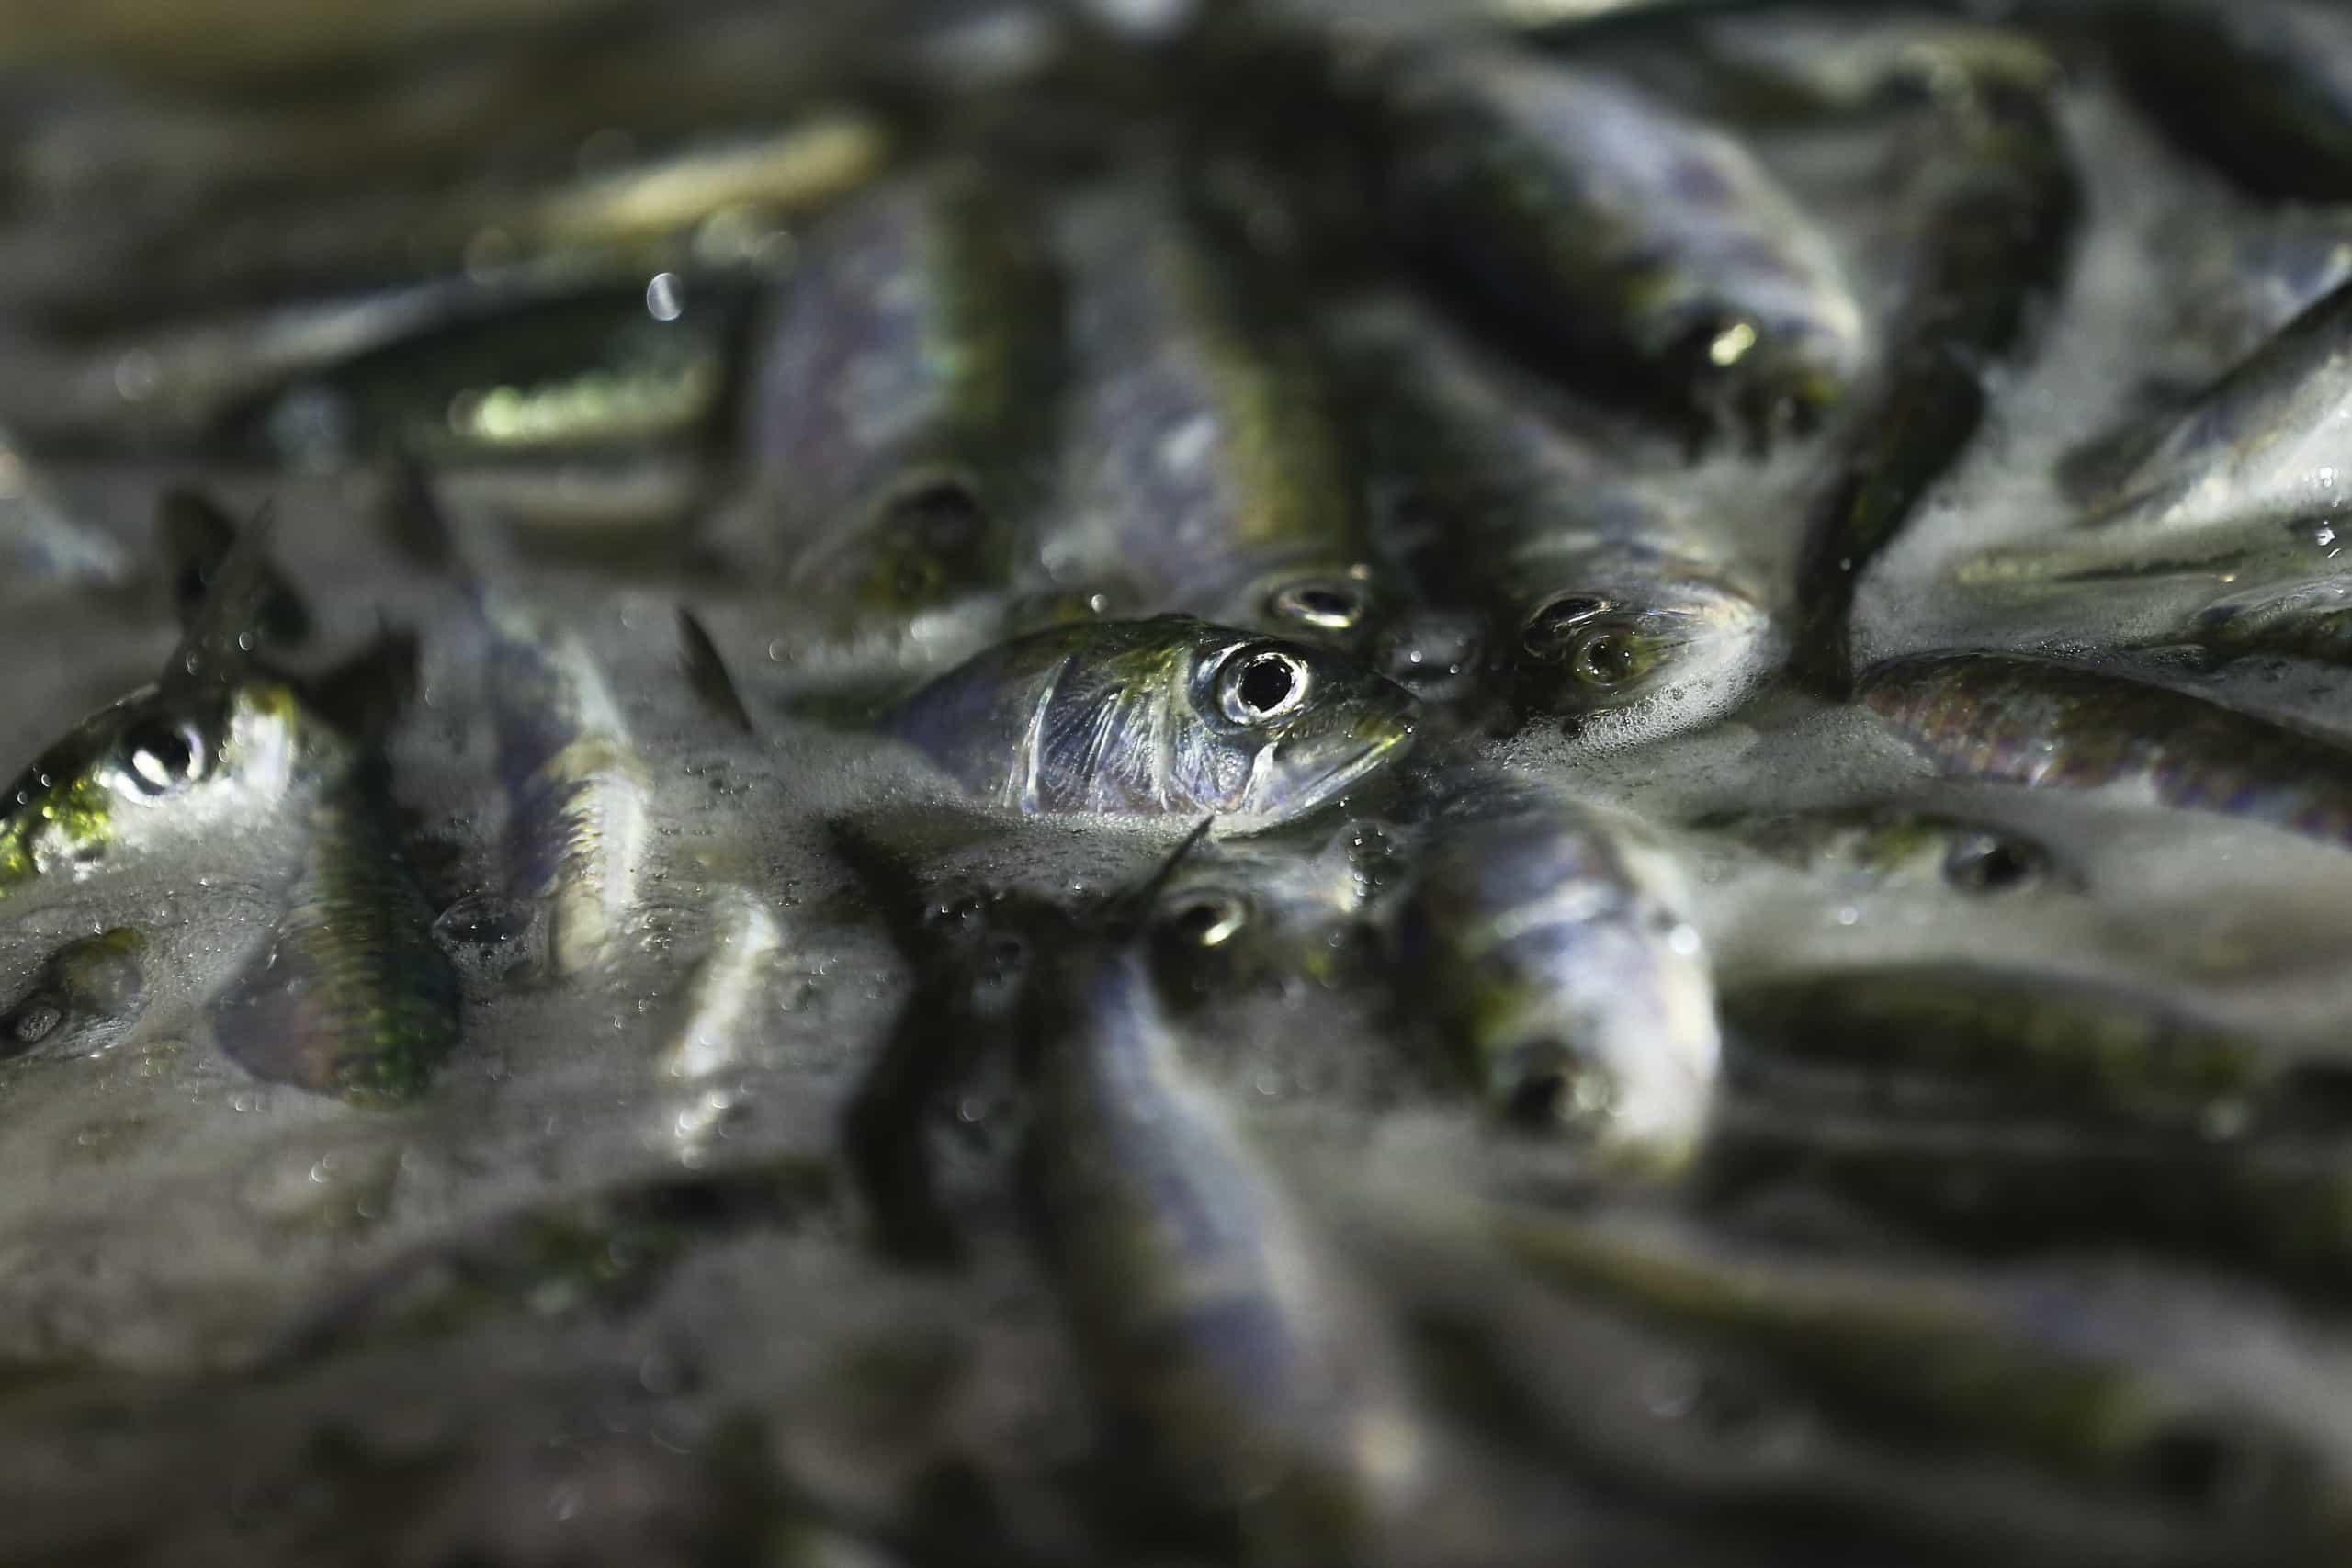 Contra-análise prova que sardinhas DIA estavam aptas para consumo